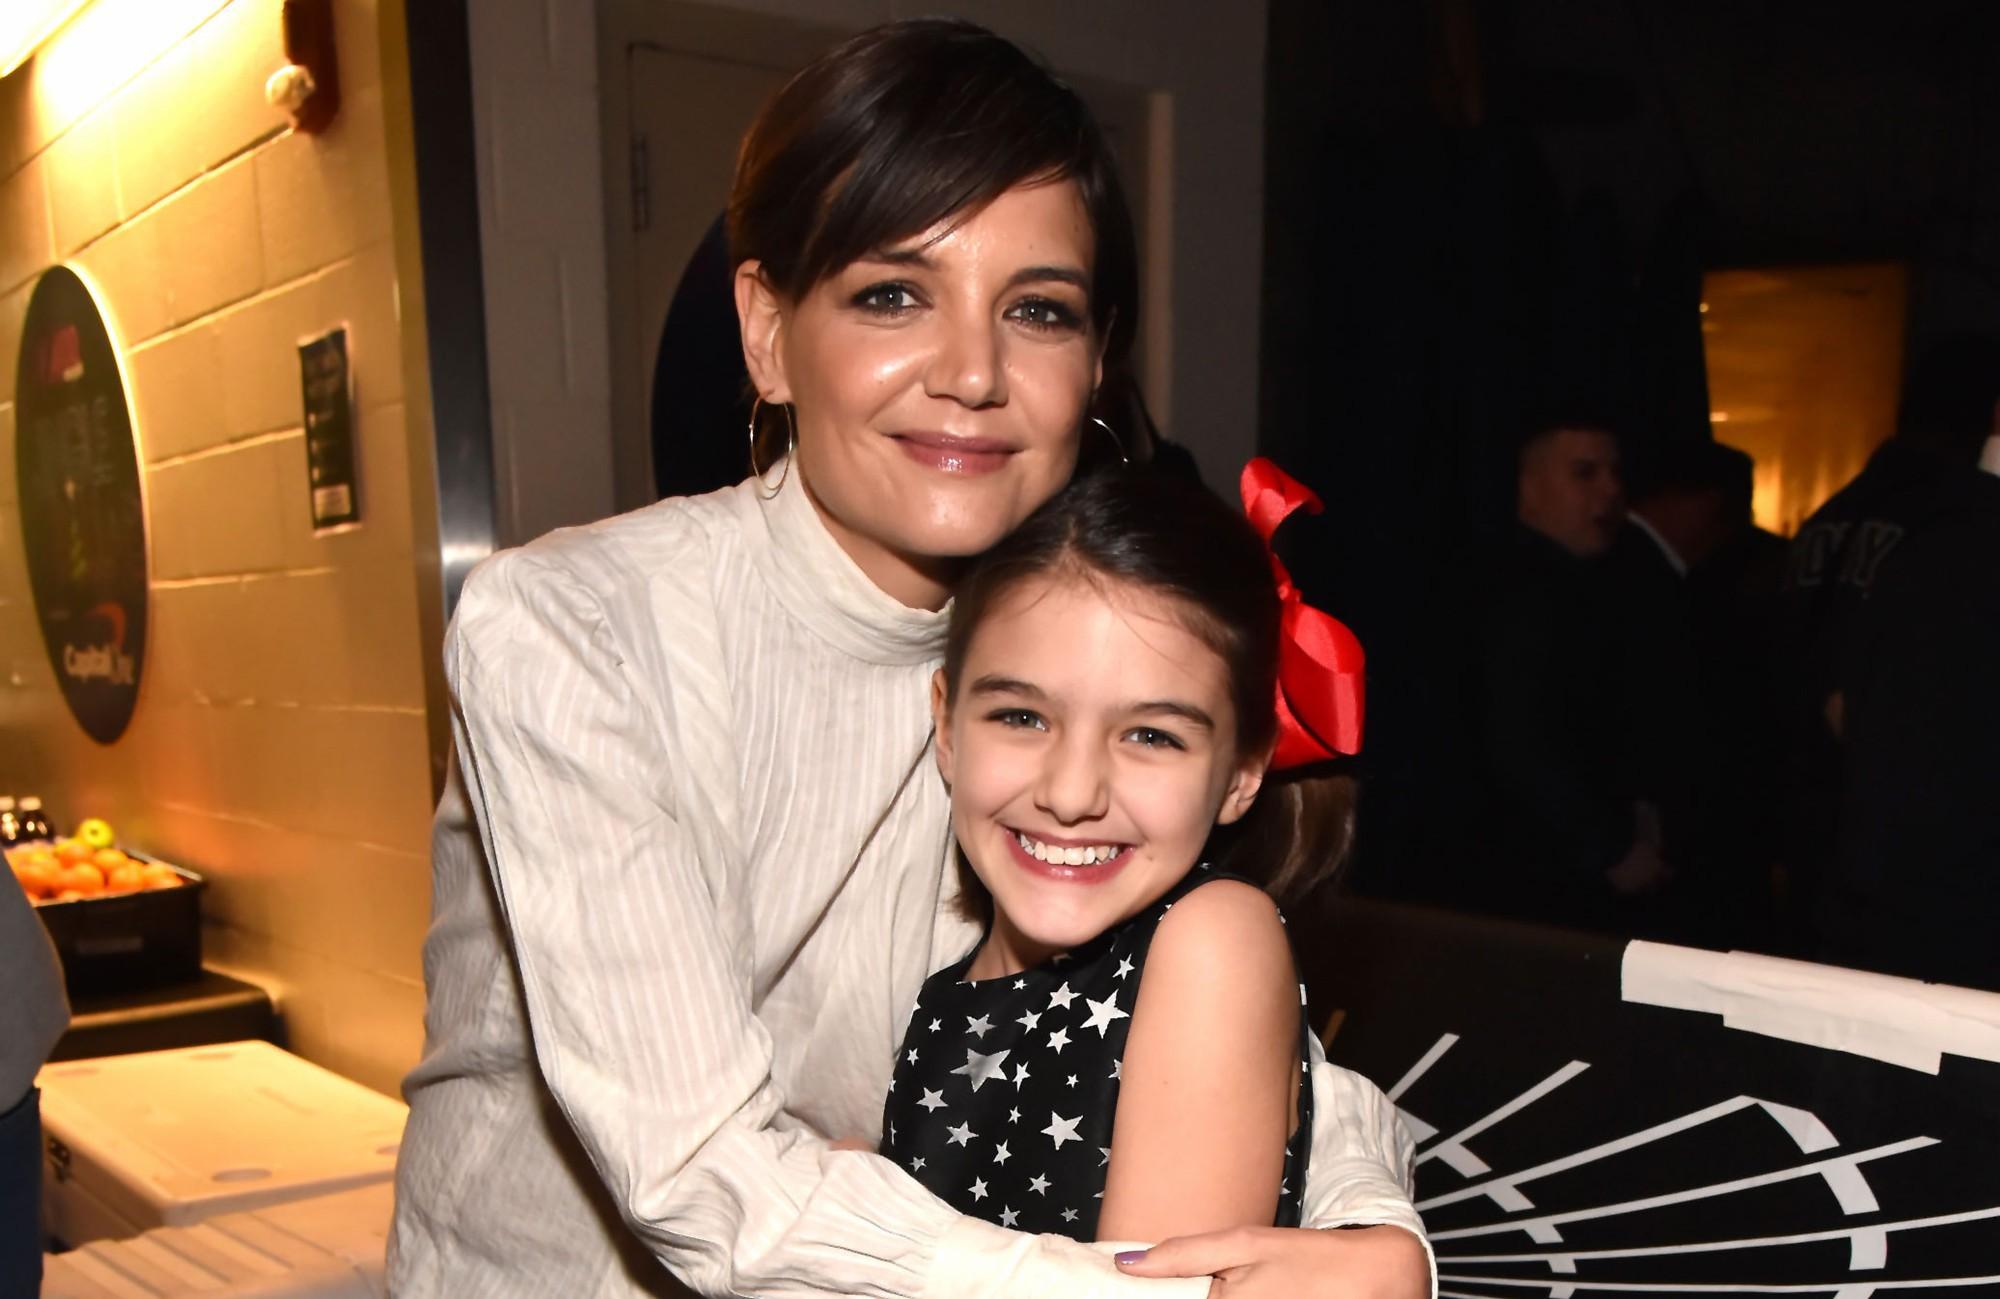 Hành trình nhan sắc 2 công chúa nhà sao hot nhất Hollywood: Harper Beckham xinh ra, Suri Cruise ngày càng bị dìm - Ảnh 34.